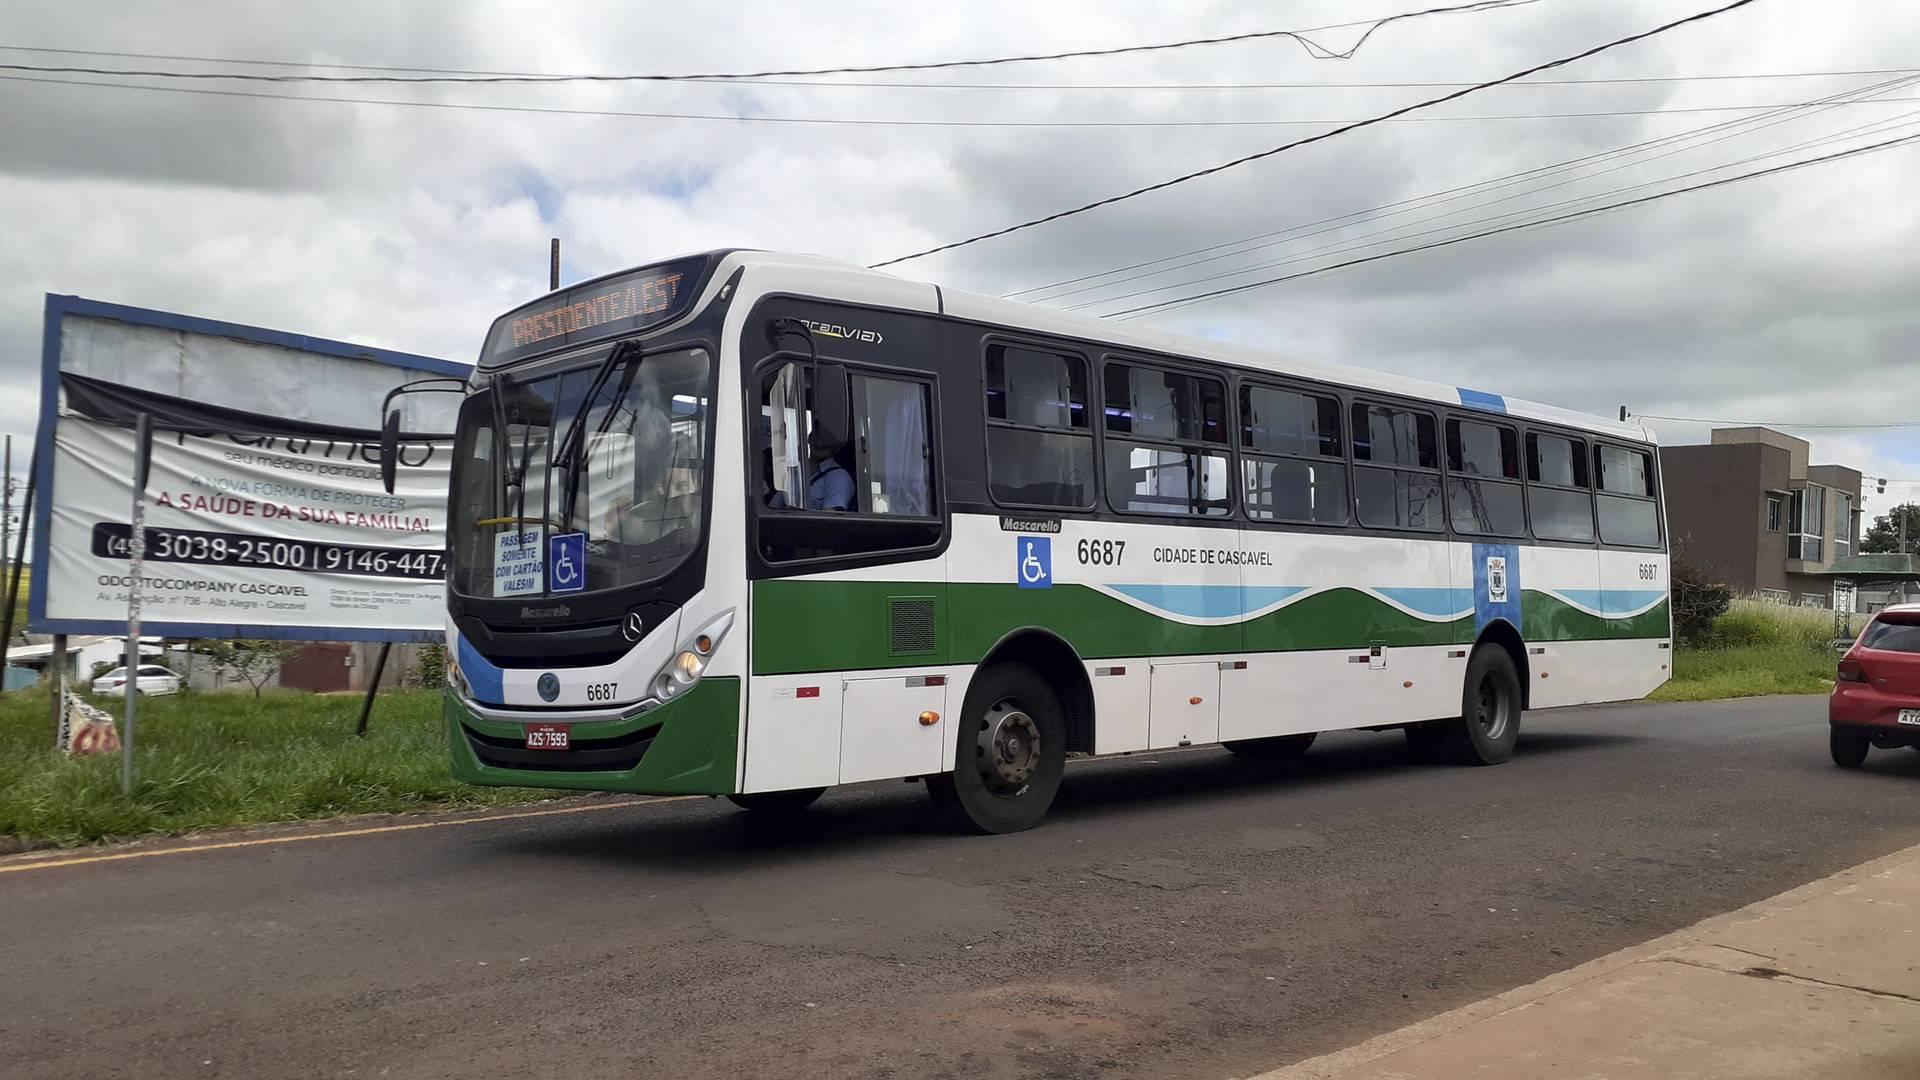 Enem: Transitar antecipa horários de 14 linhas do transporte coletivo nos dois dias de provas